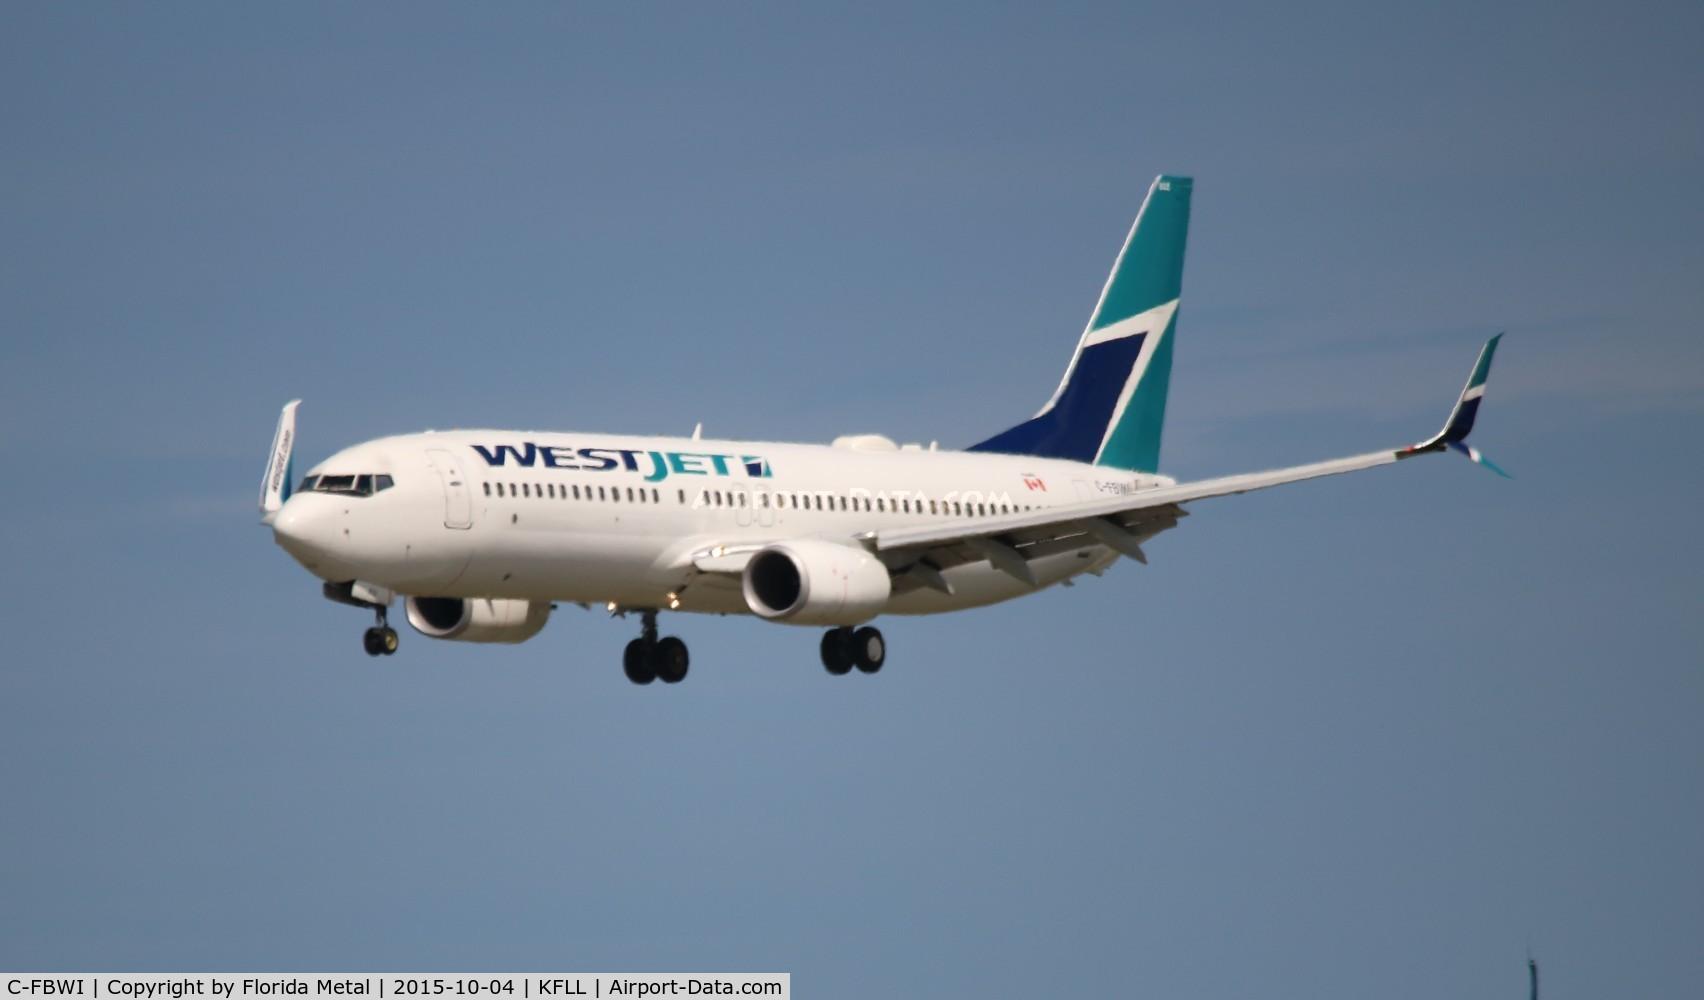 C-FBWI, 2013 Boeing 737-8CT C/N 39090, FLL spotting